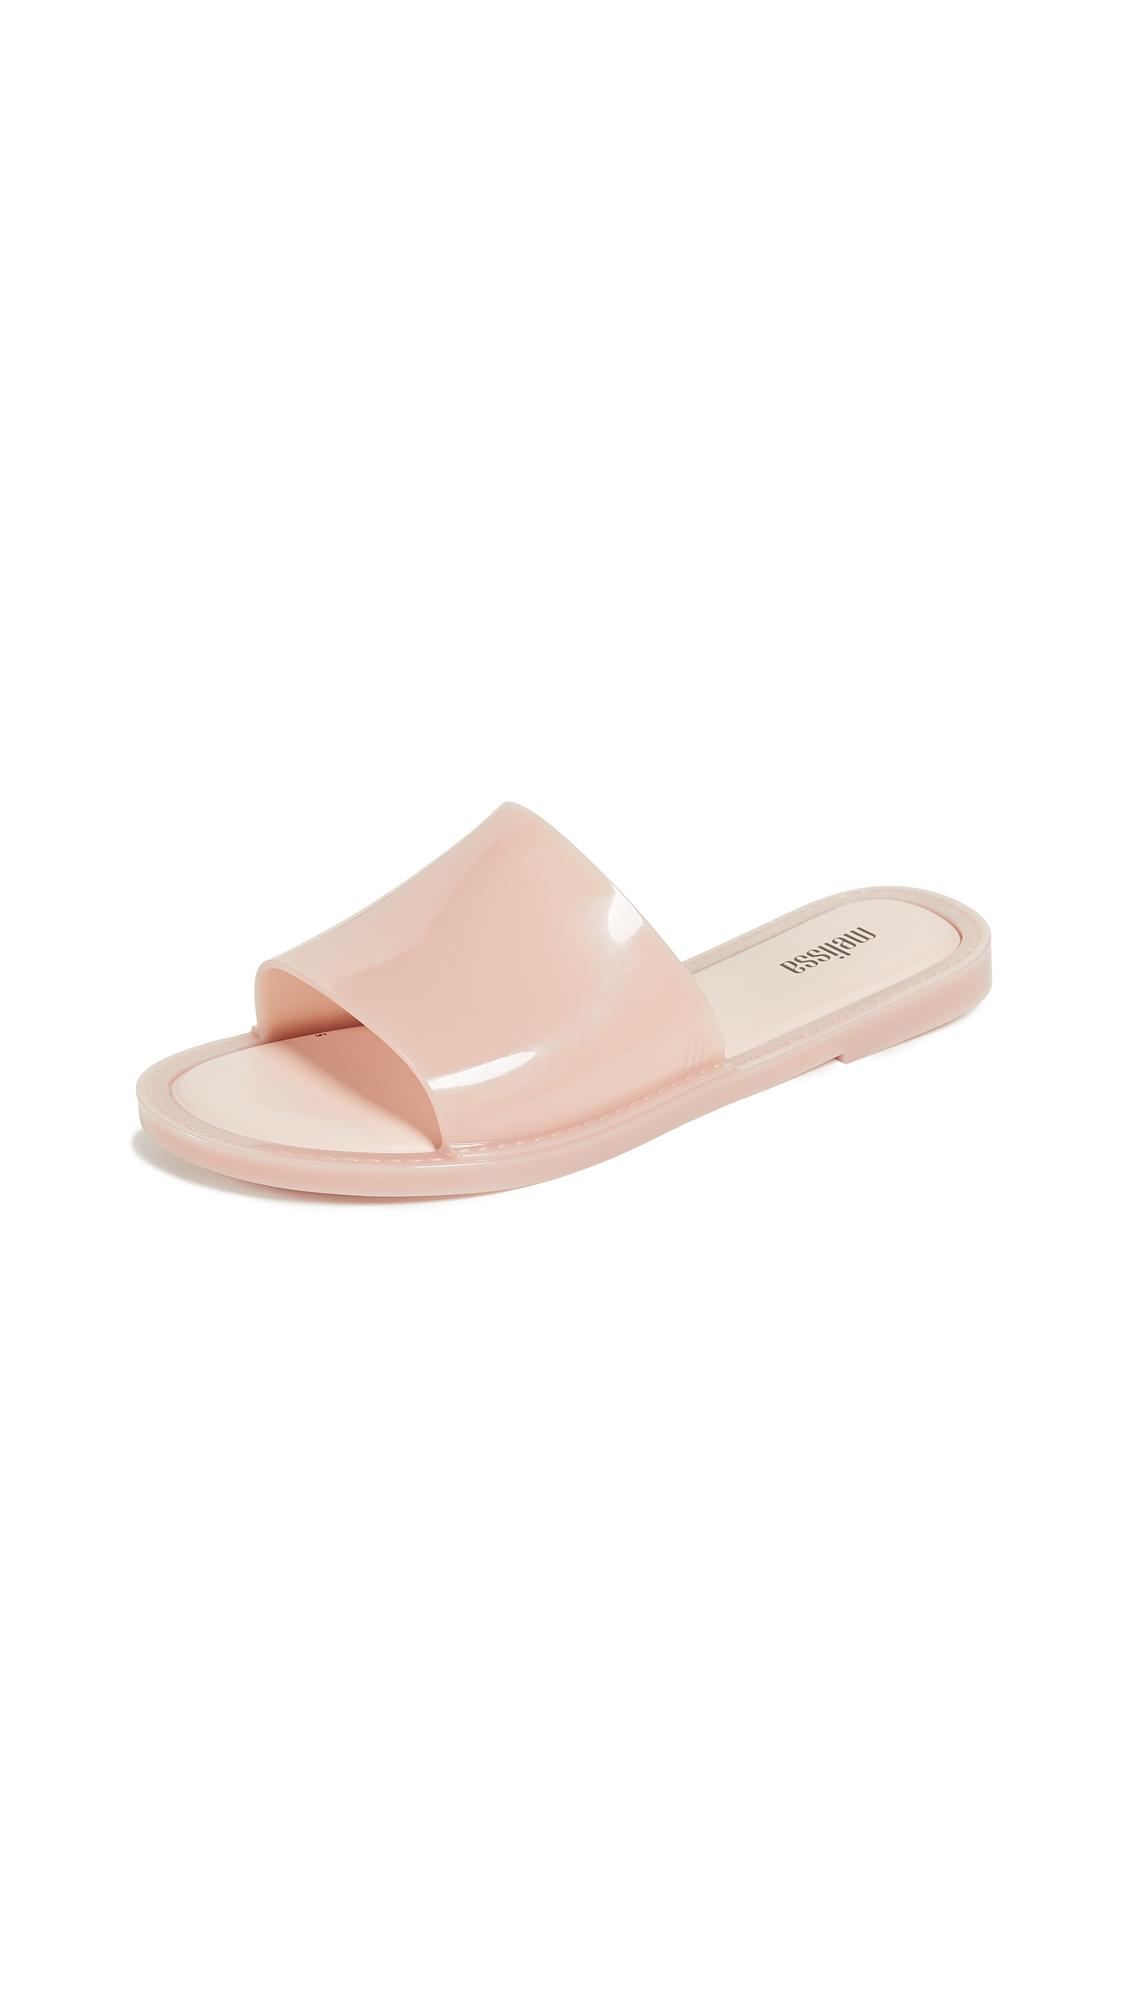 Melissa Soul Pool Slide Sandals - Light Pink